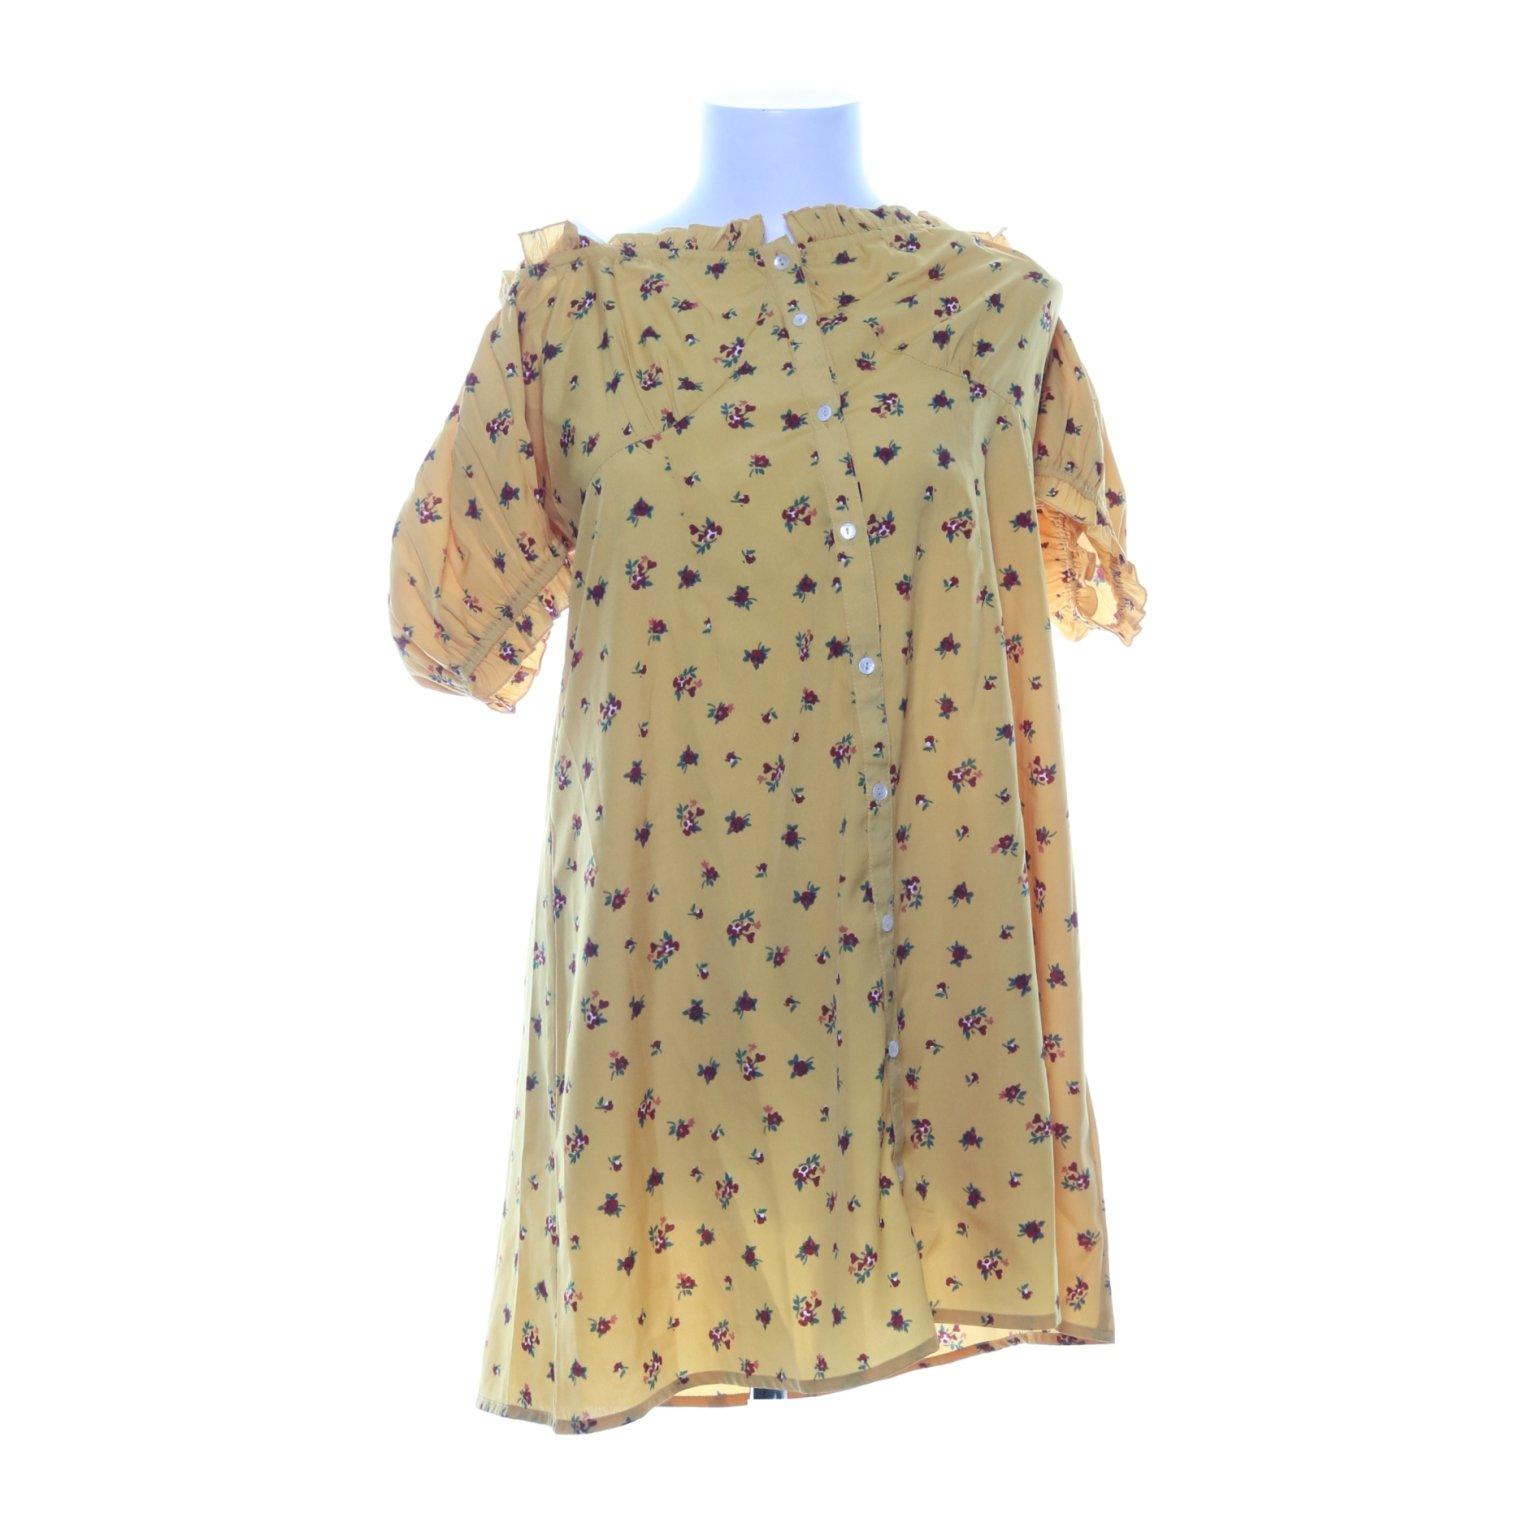 Köp NLY Trend Sweet Dress Beige | Klänningar